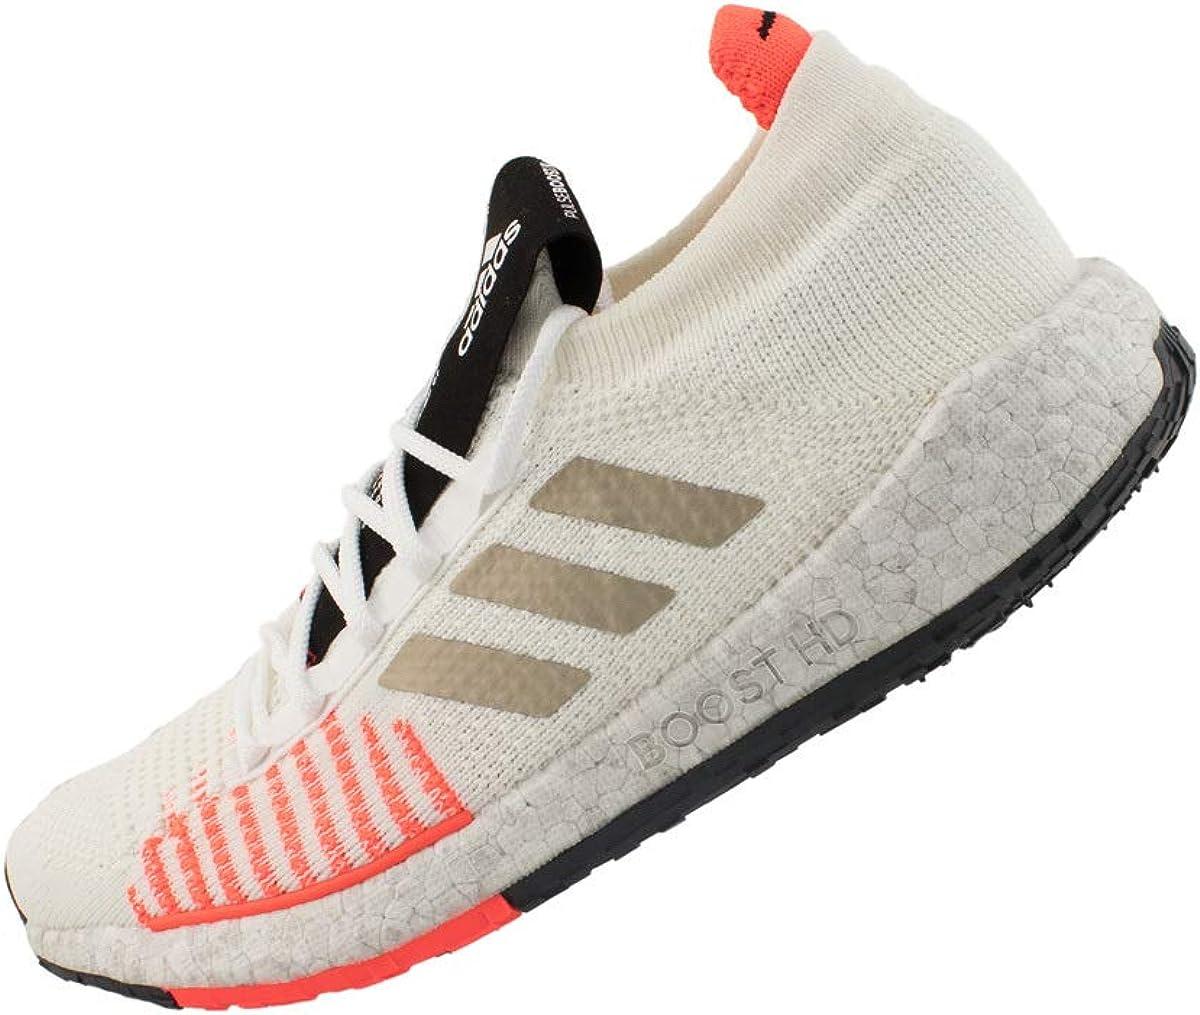 Adidas PulseBOOST HD Zapatillas para Correr - AW19-44: Amazon.es: Zapatos y complementos